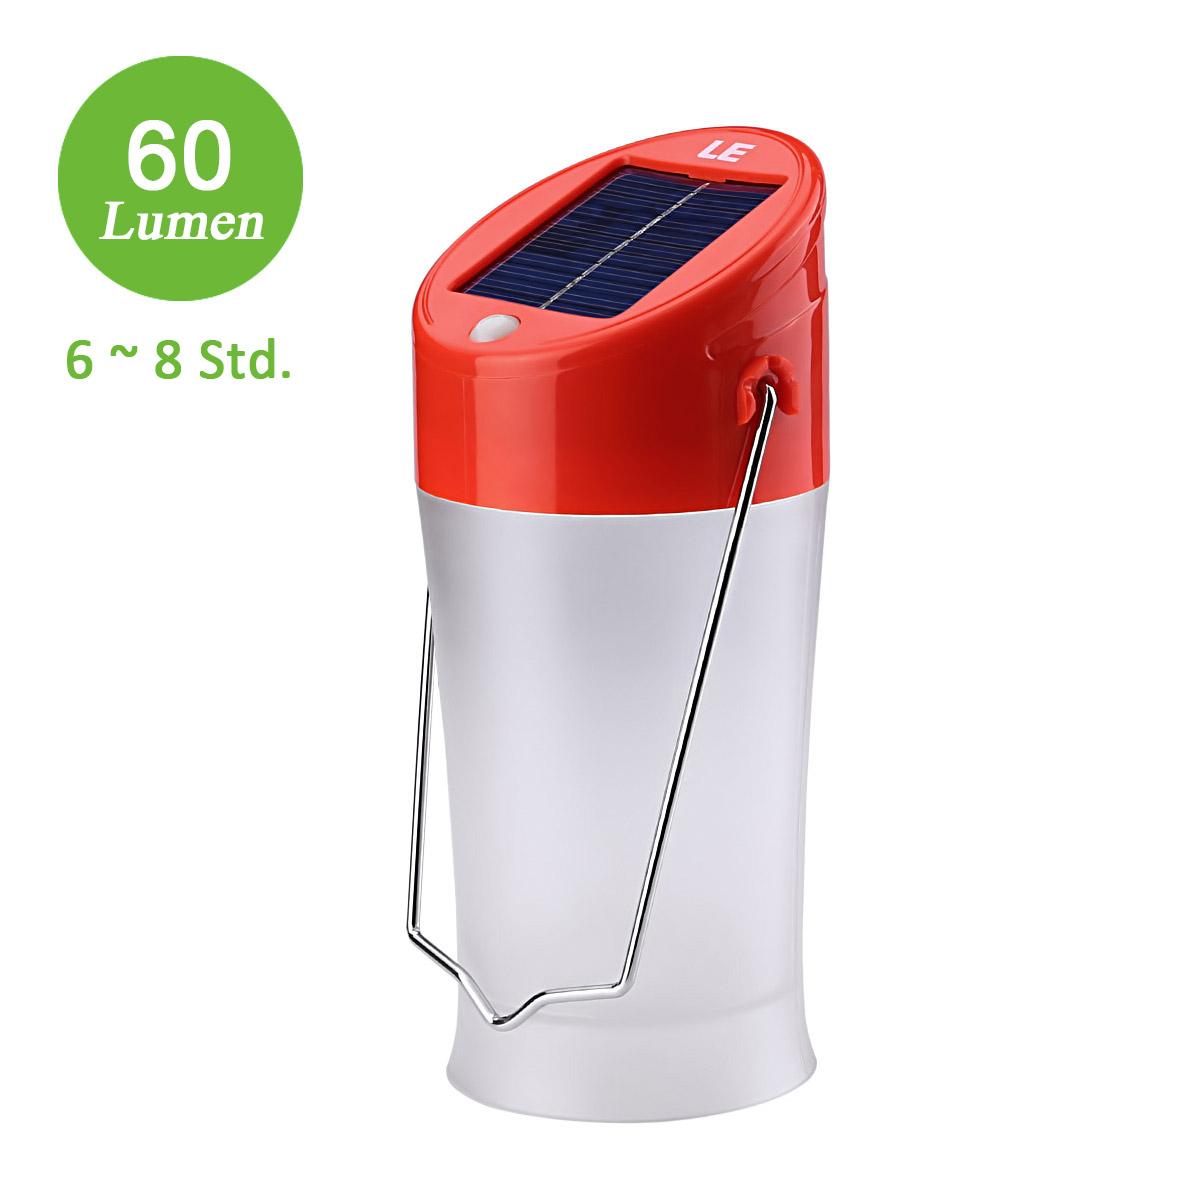 LED Solarlaterne, 50-60lm Campinglampe, Wiederaufladbar und Portable, 2 Modi, USB stecker, Kaltweiß